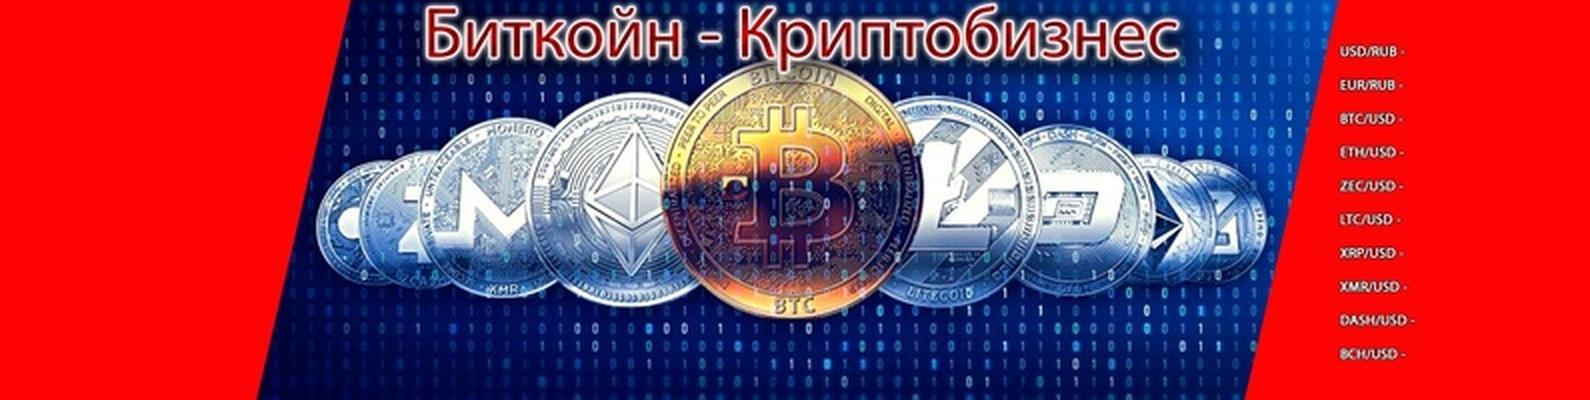 Новая криптовалюта инвертировать 2021 рубли